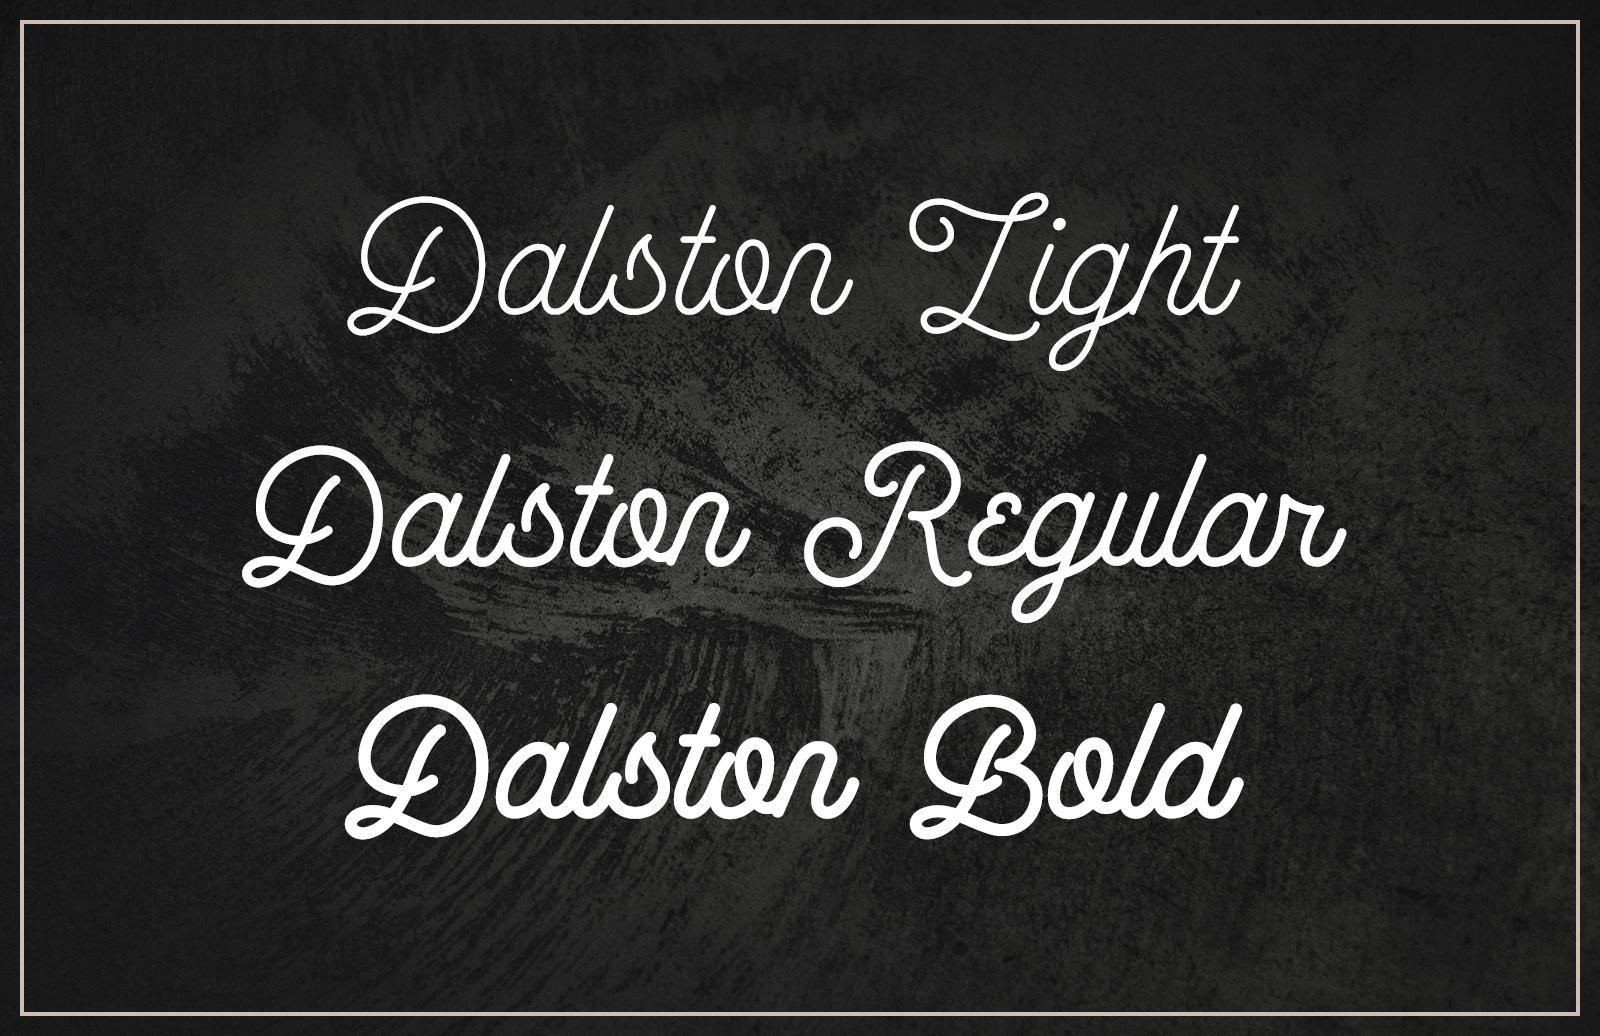 Dalston - Retro Script Font (Updated)